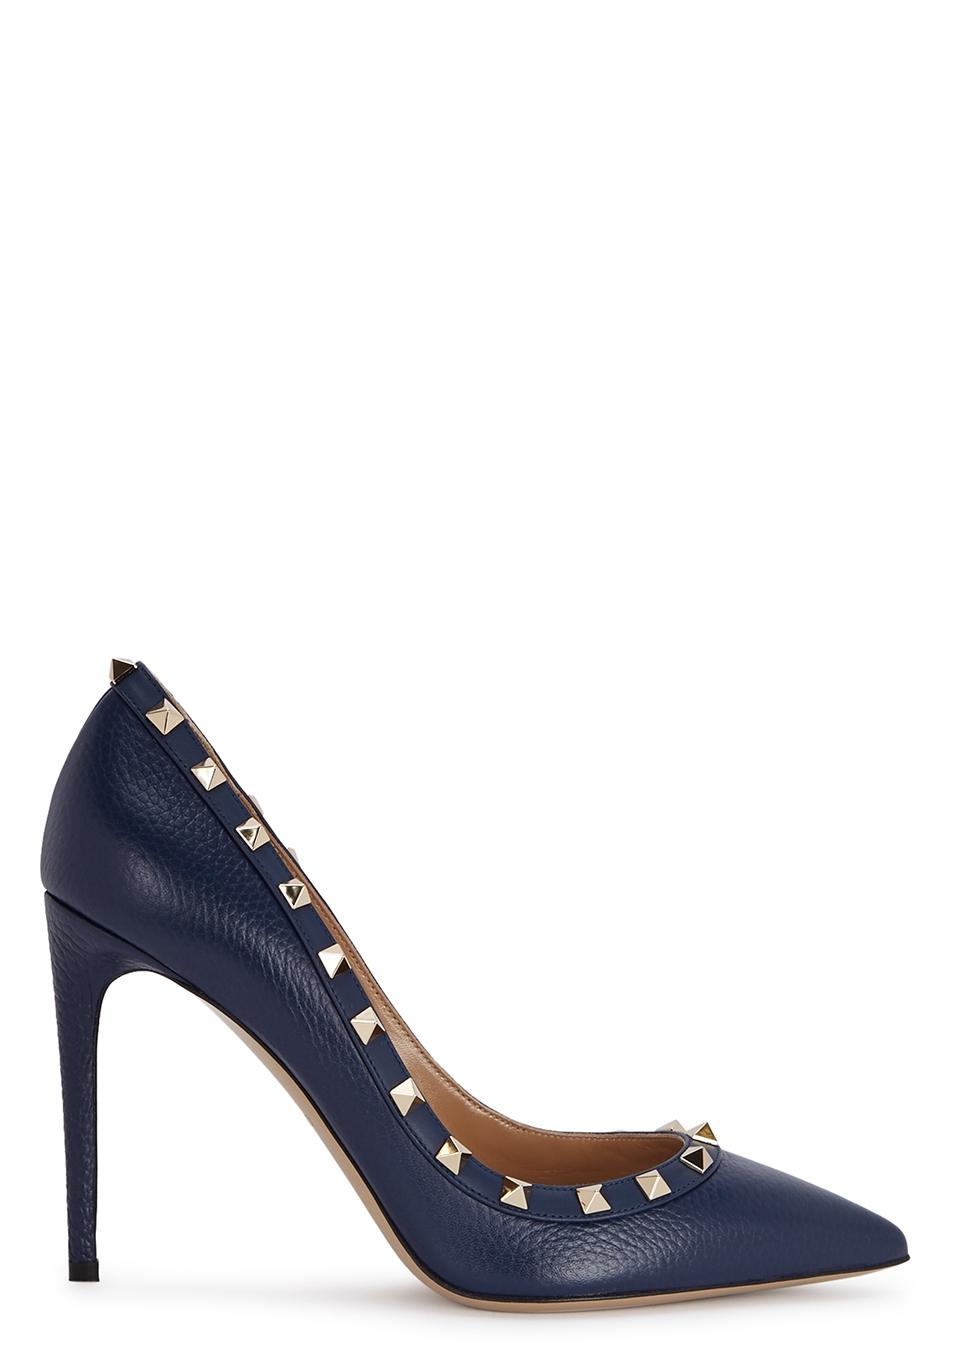 5e68c900aa8 Women s Designer Shoes - Ladies Shoes - Harvey Nichols